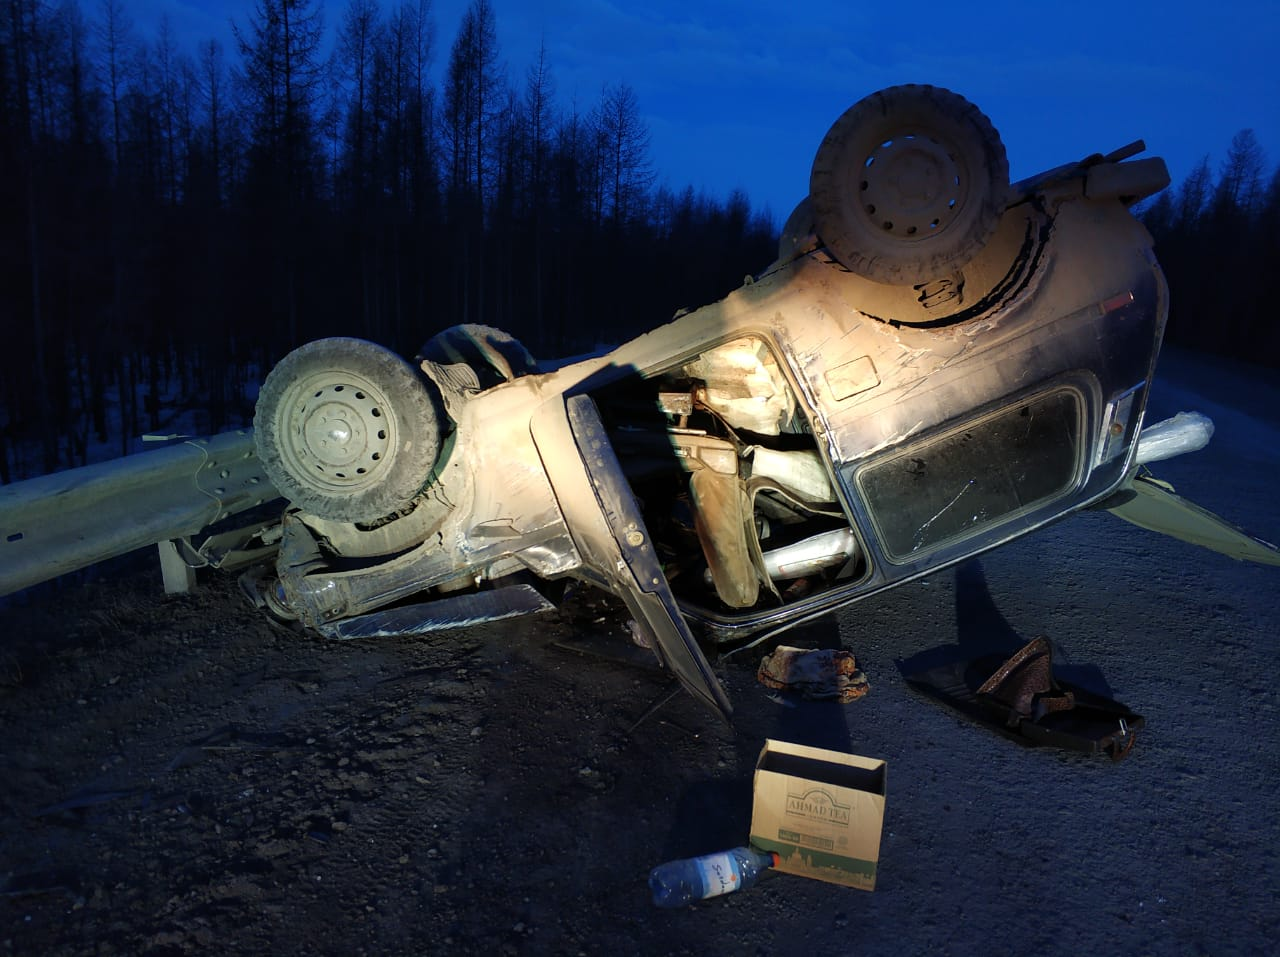 В Оймяконском районе по вине пьяного водителя пострадала женщина